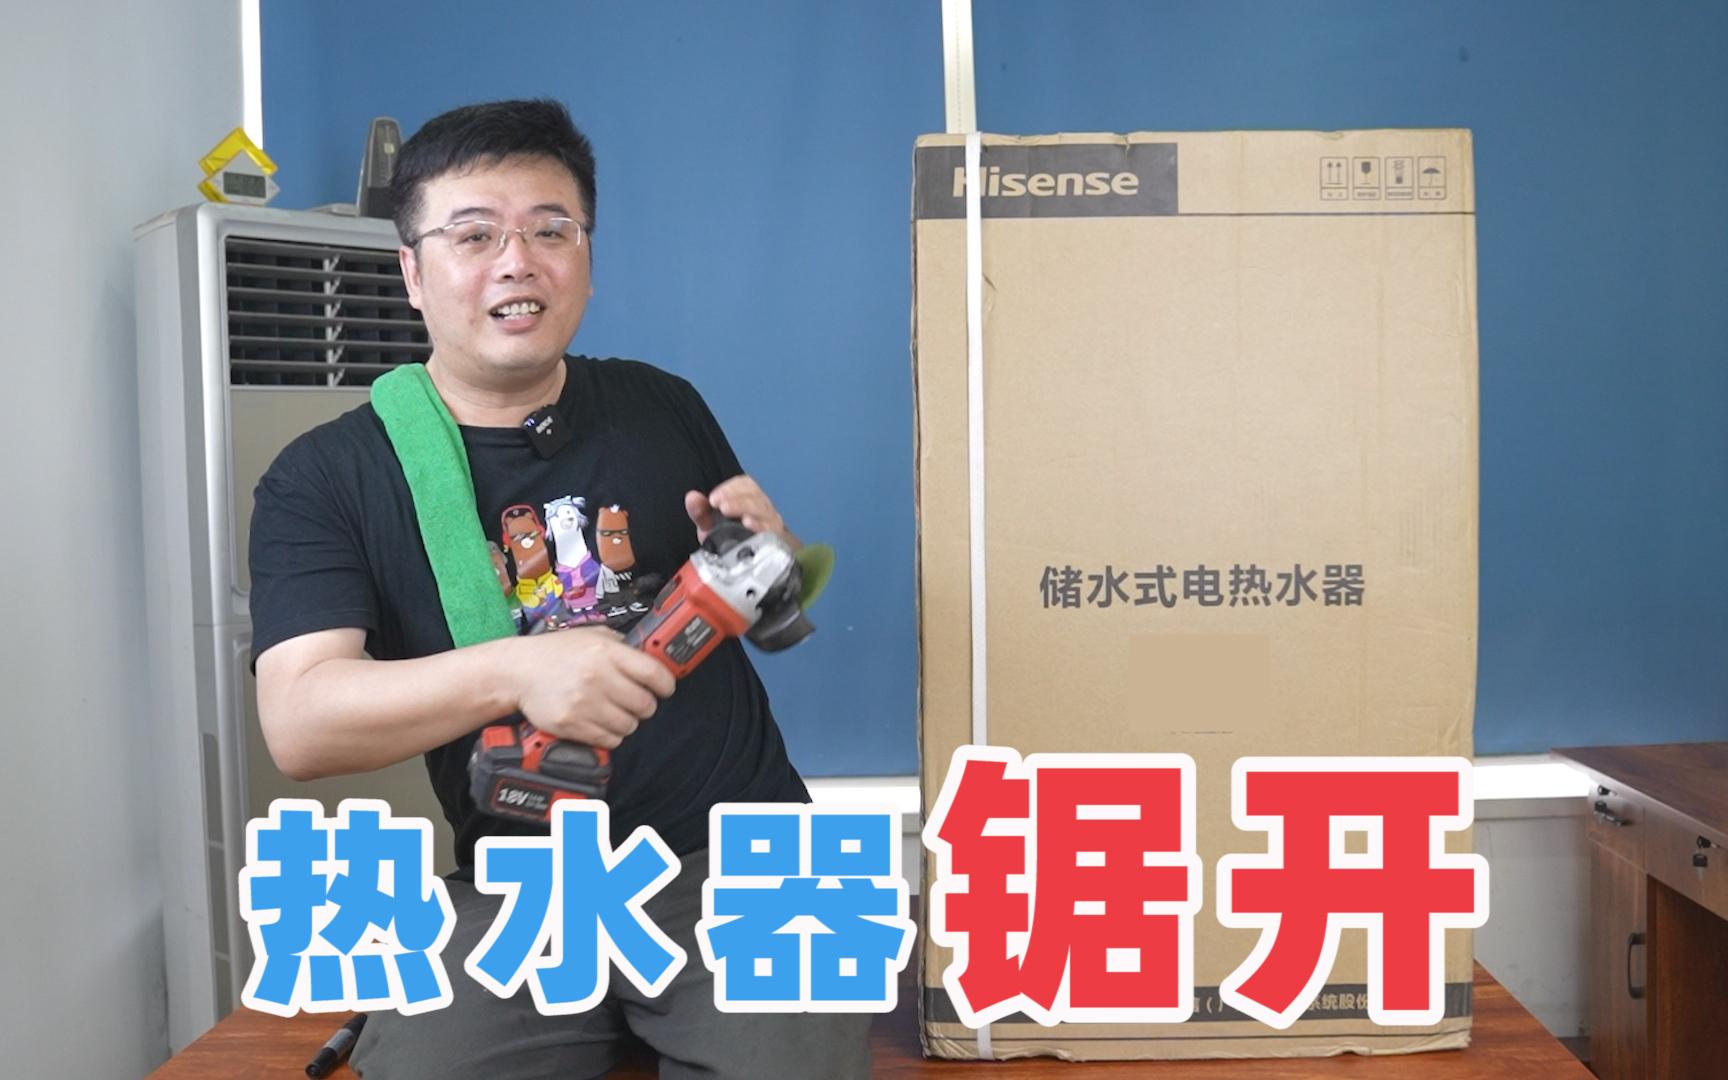 热水器拦腰锯开,看看千元以下的热水器有性价比没有